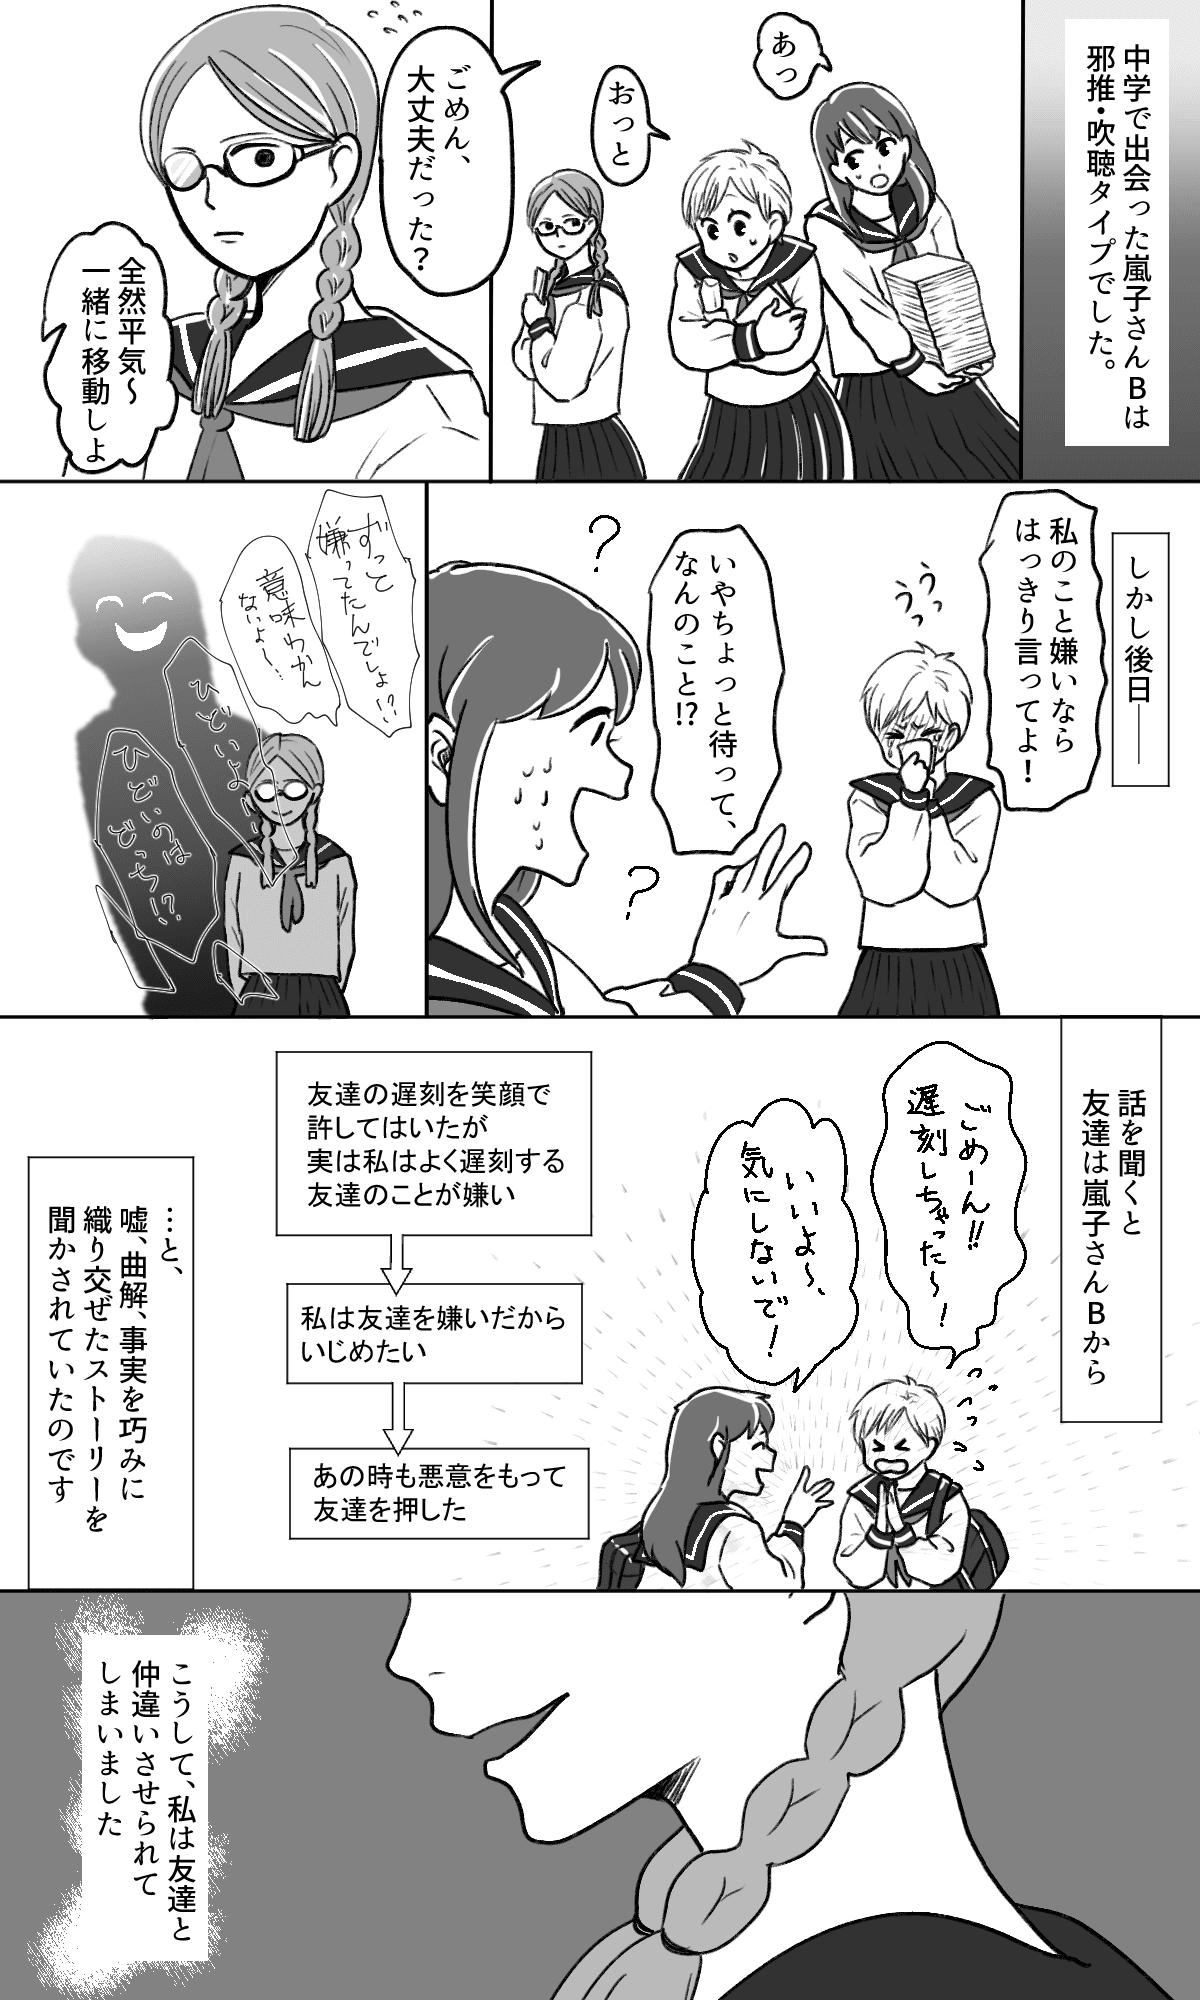 嵐子さん3